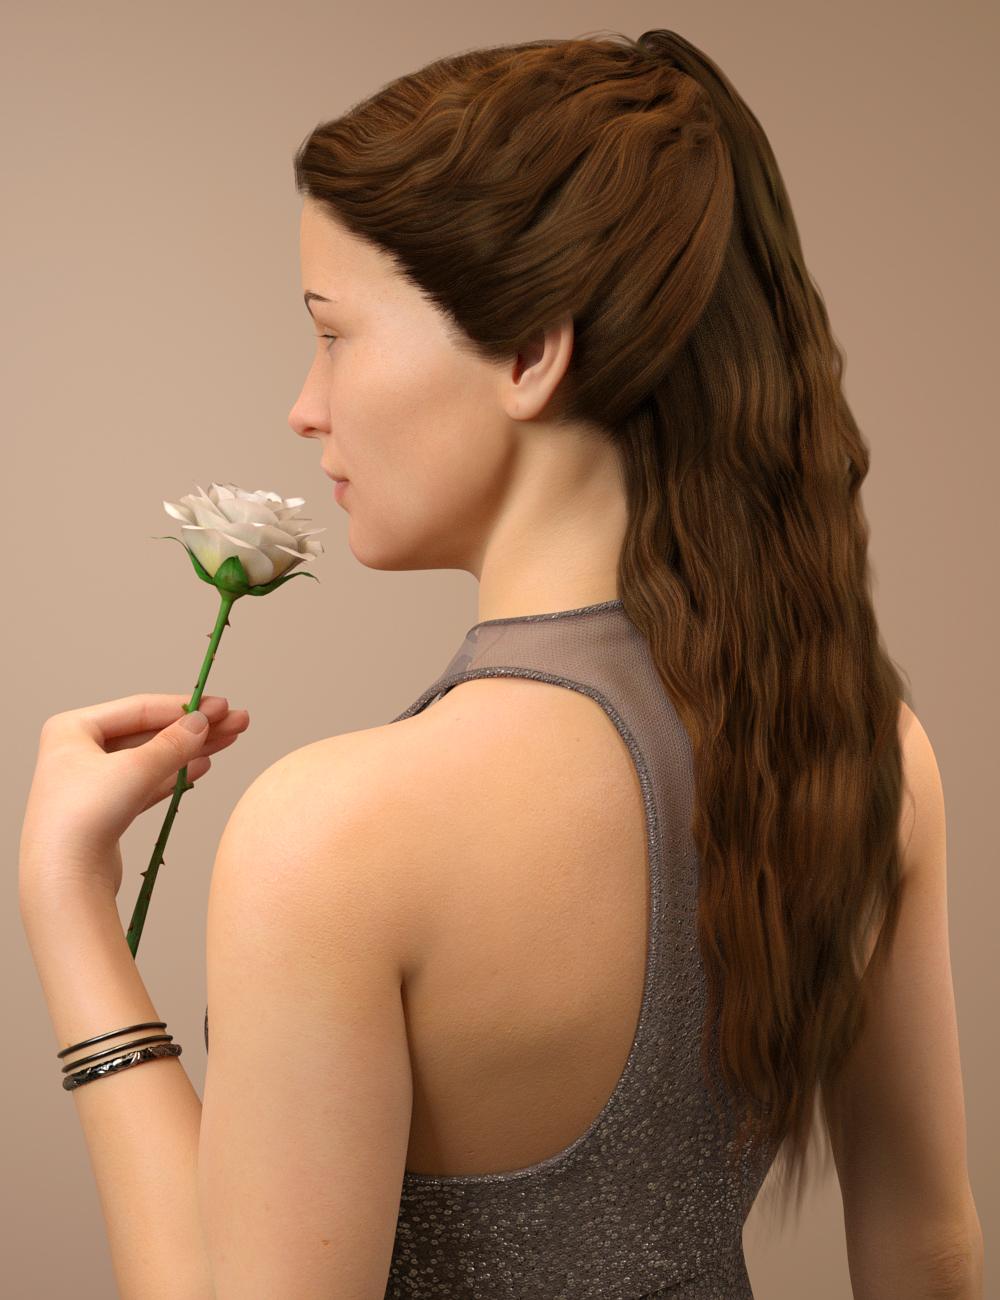 Brielle Hair for Genesis 8 Female(s) by: Toyen, 3D Models by Daz 3D